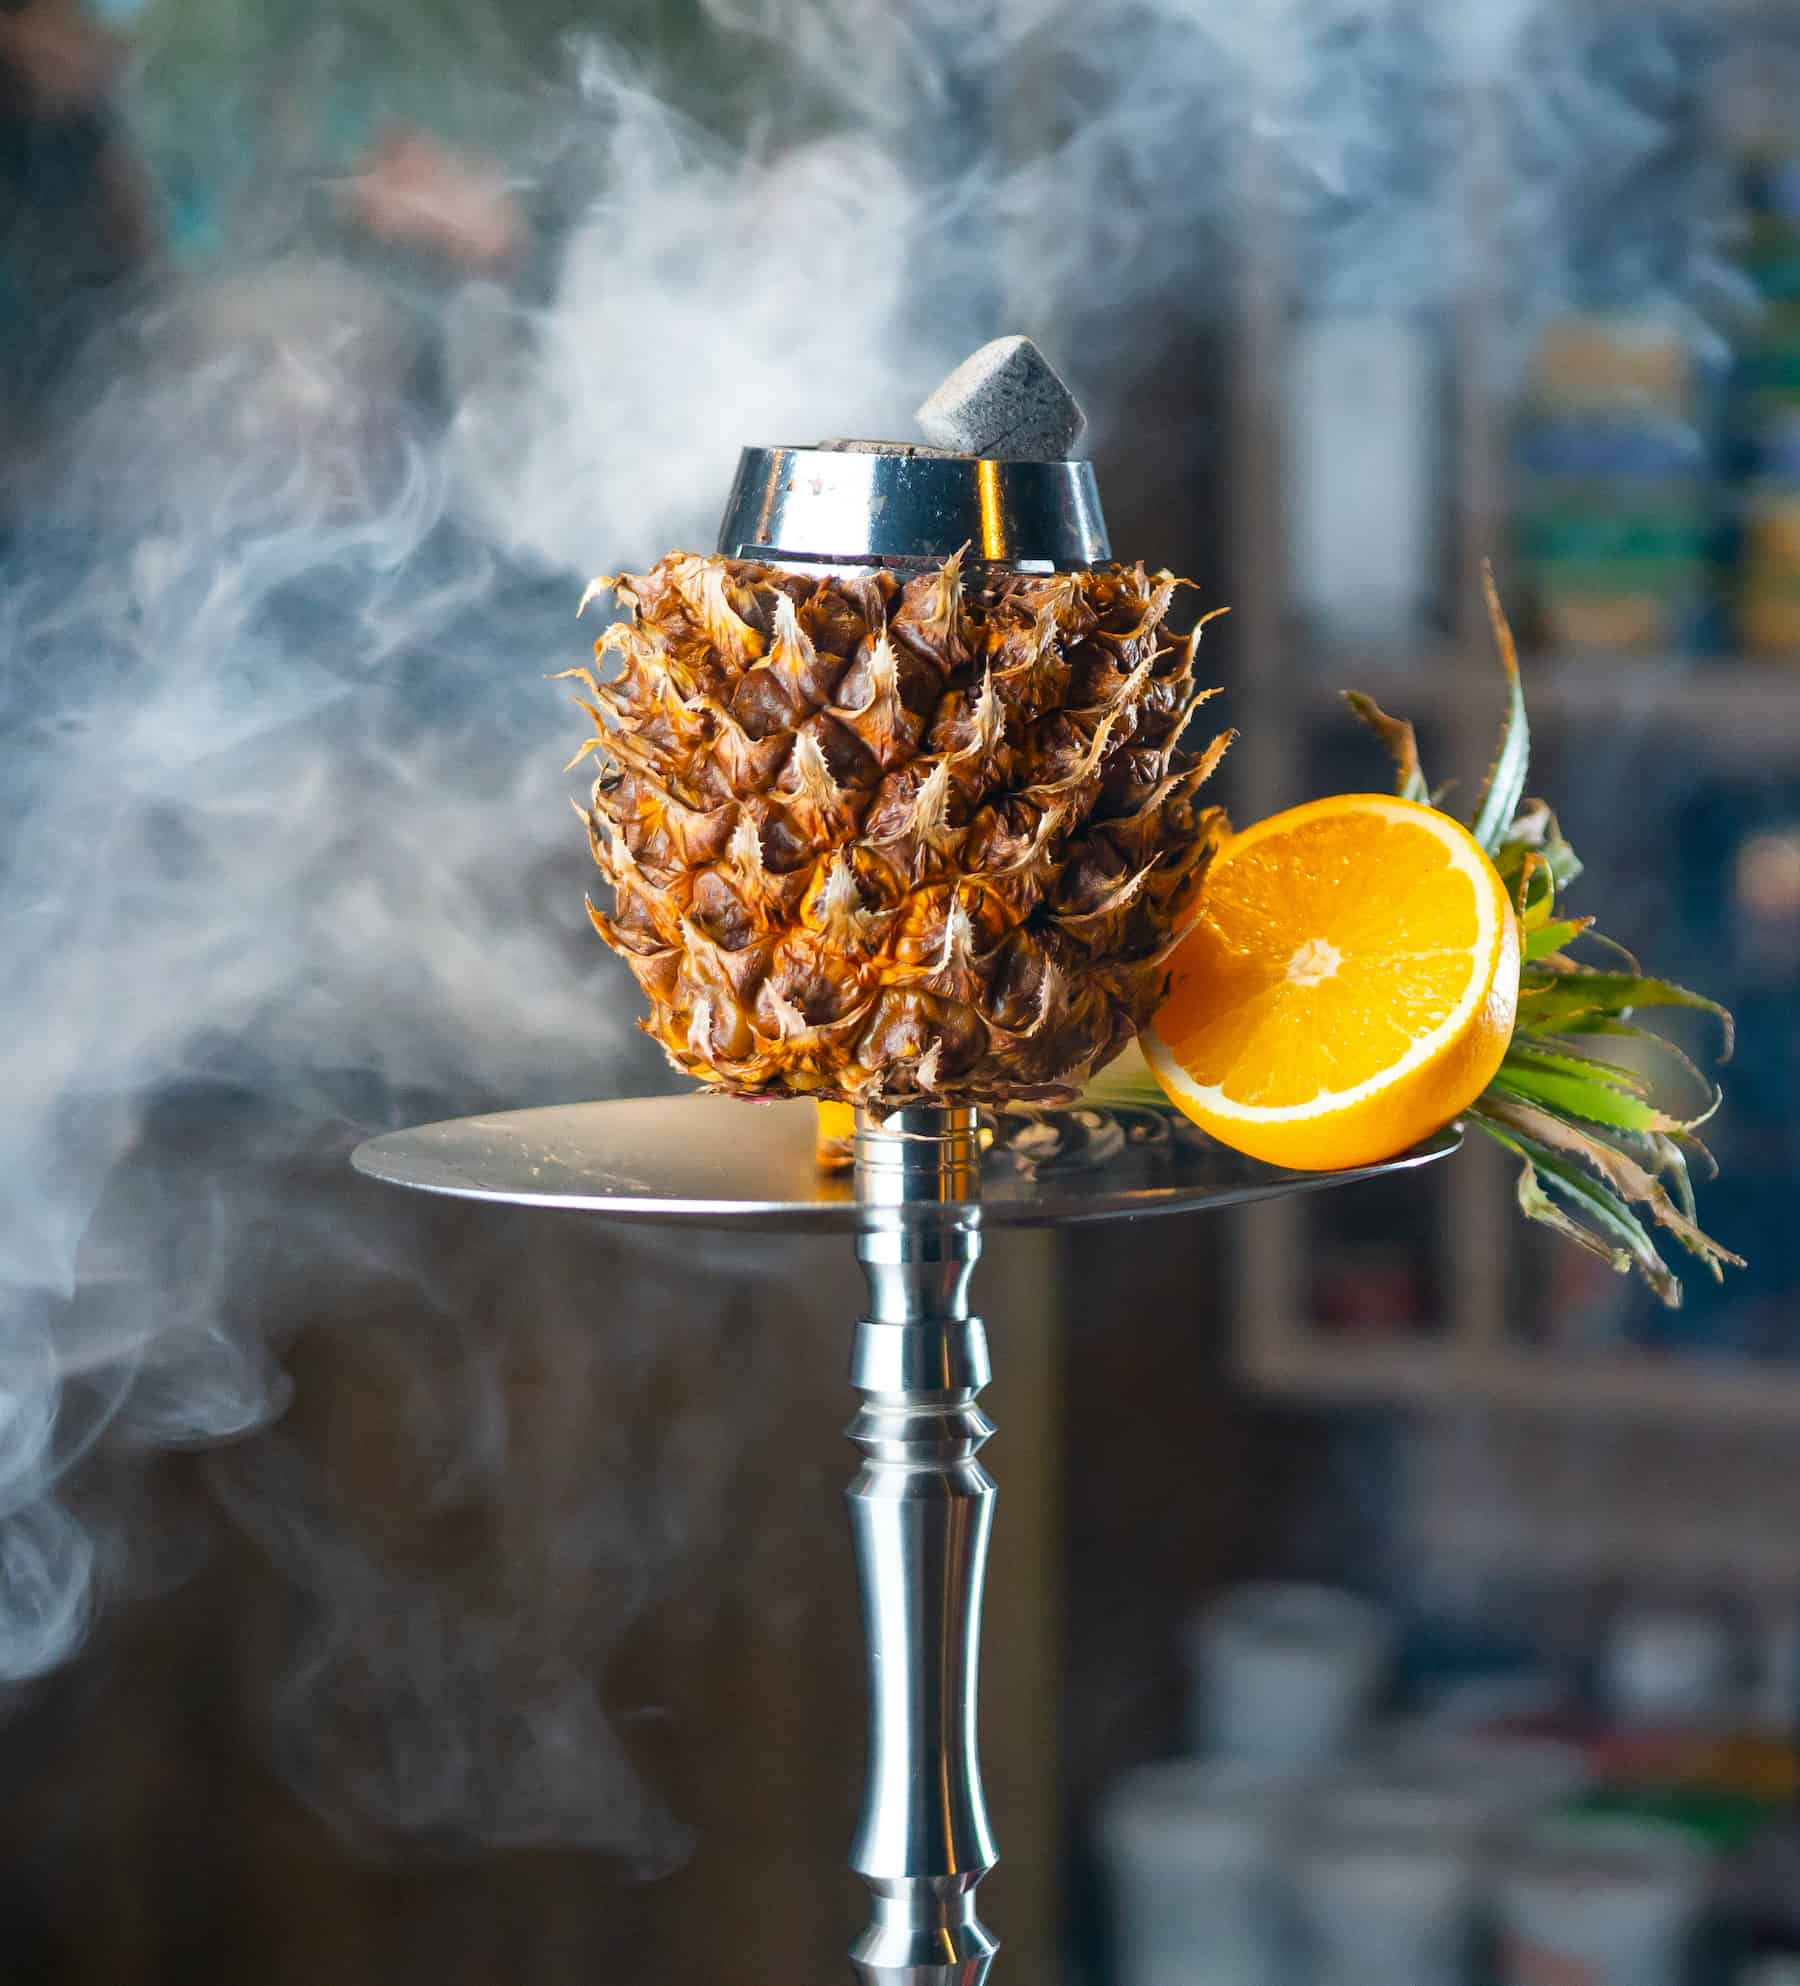 Pineapple Hookah